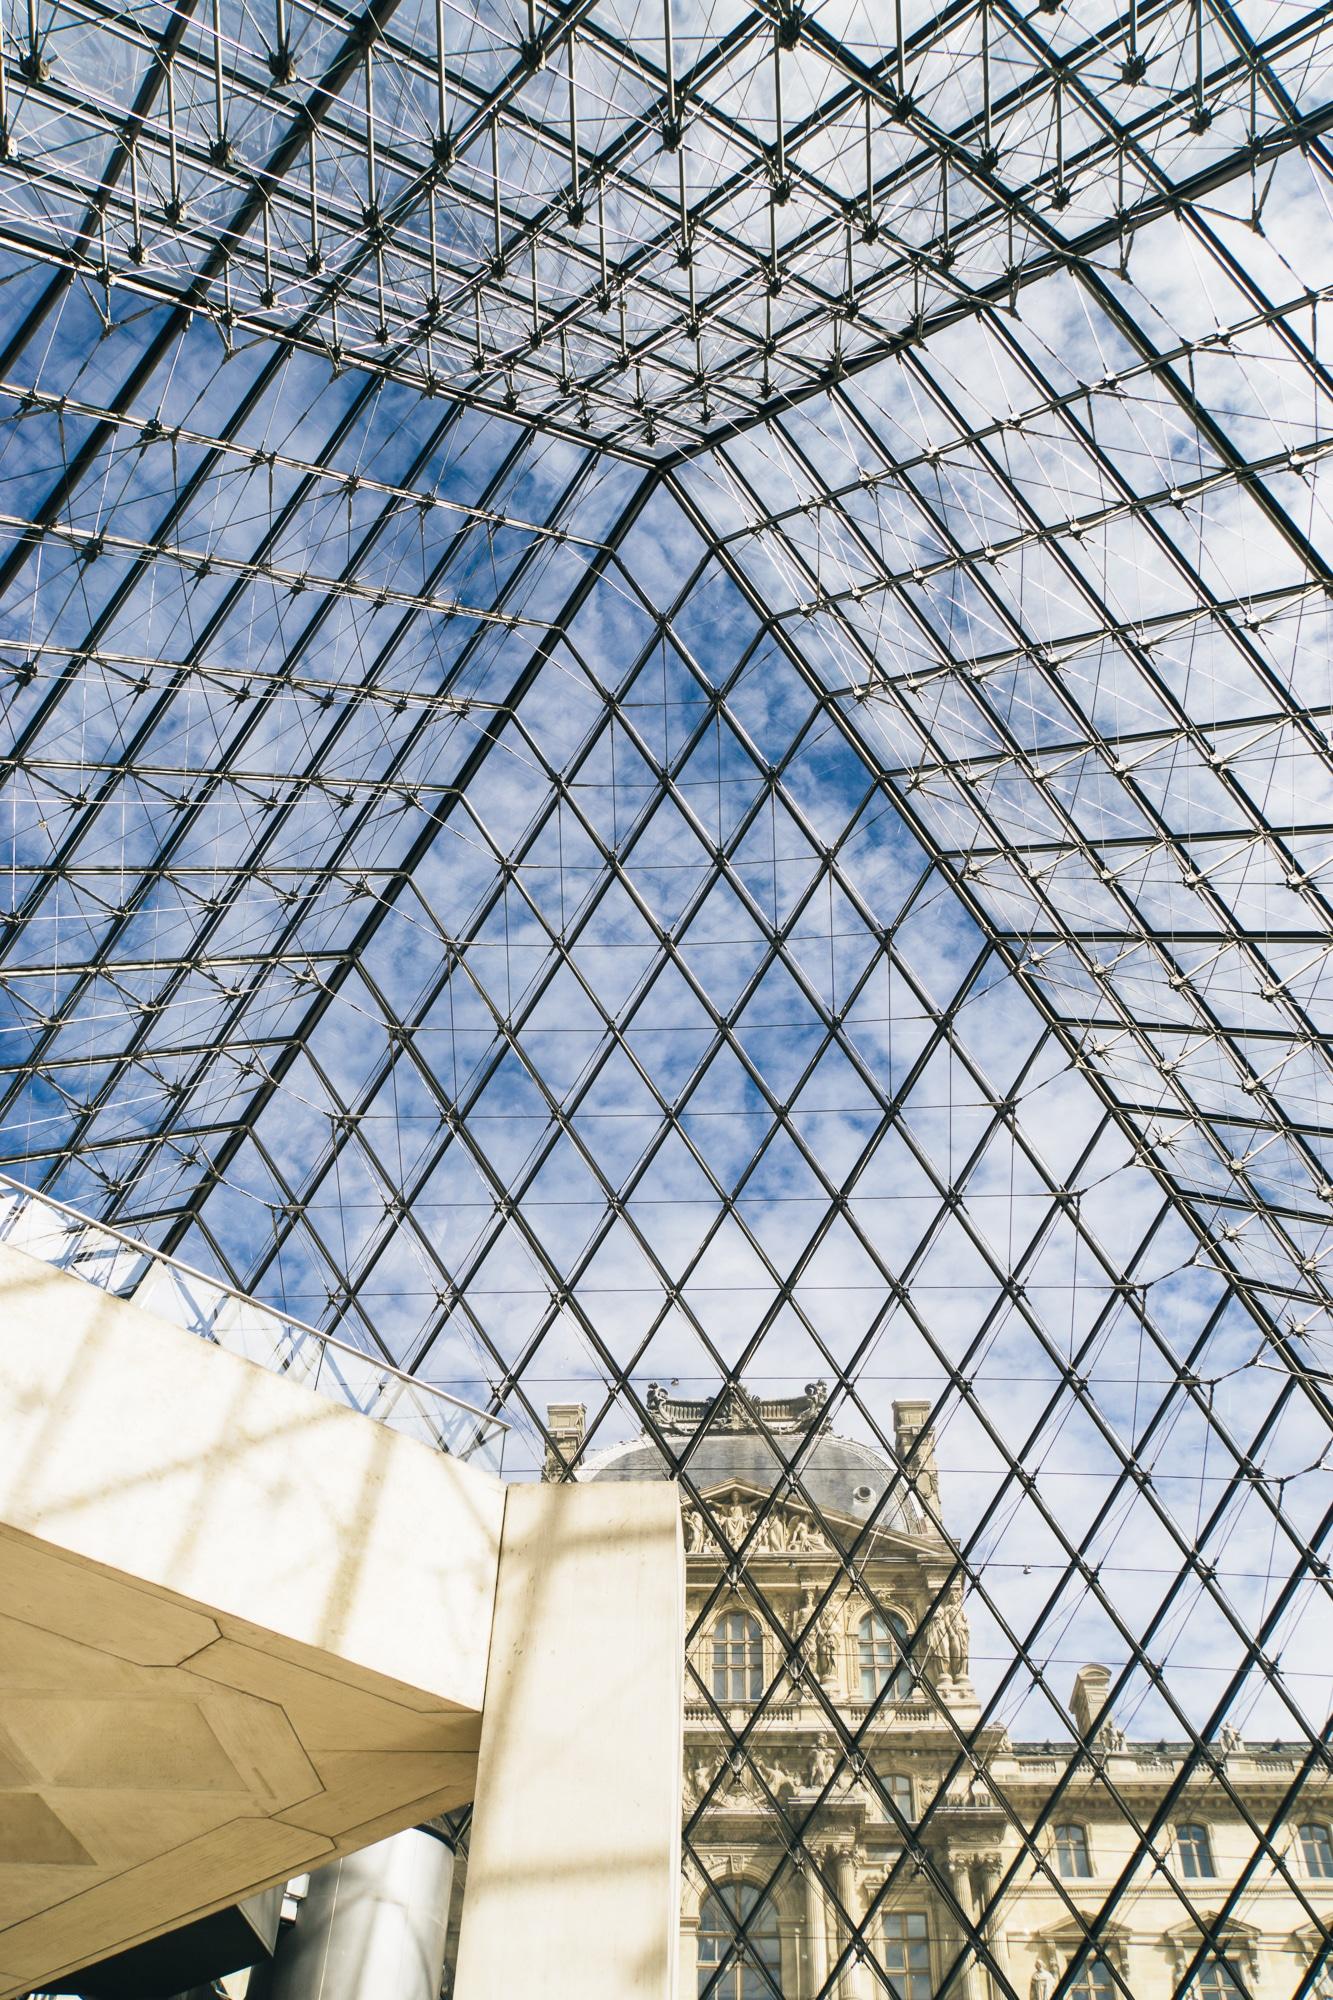 Schönste Fotospots in Paris - und meine liebsten Instagram Hotspots - Louvre Museum Pyramide